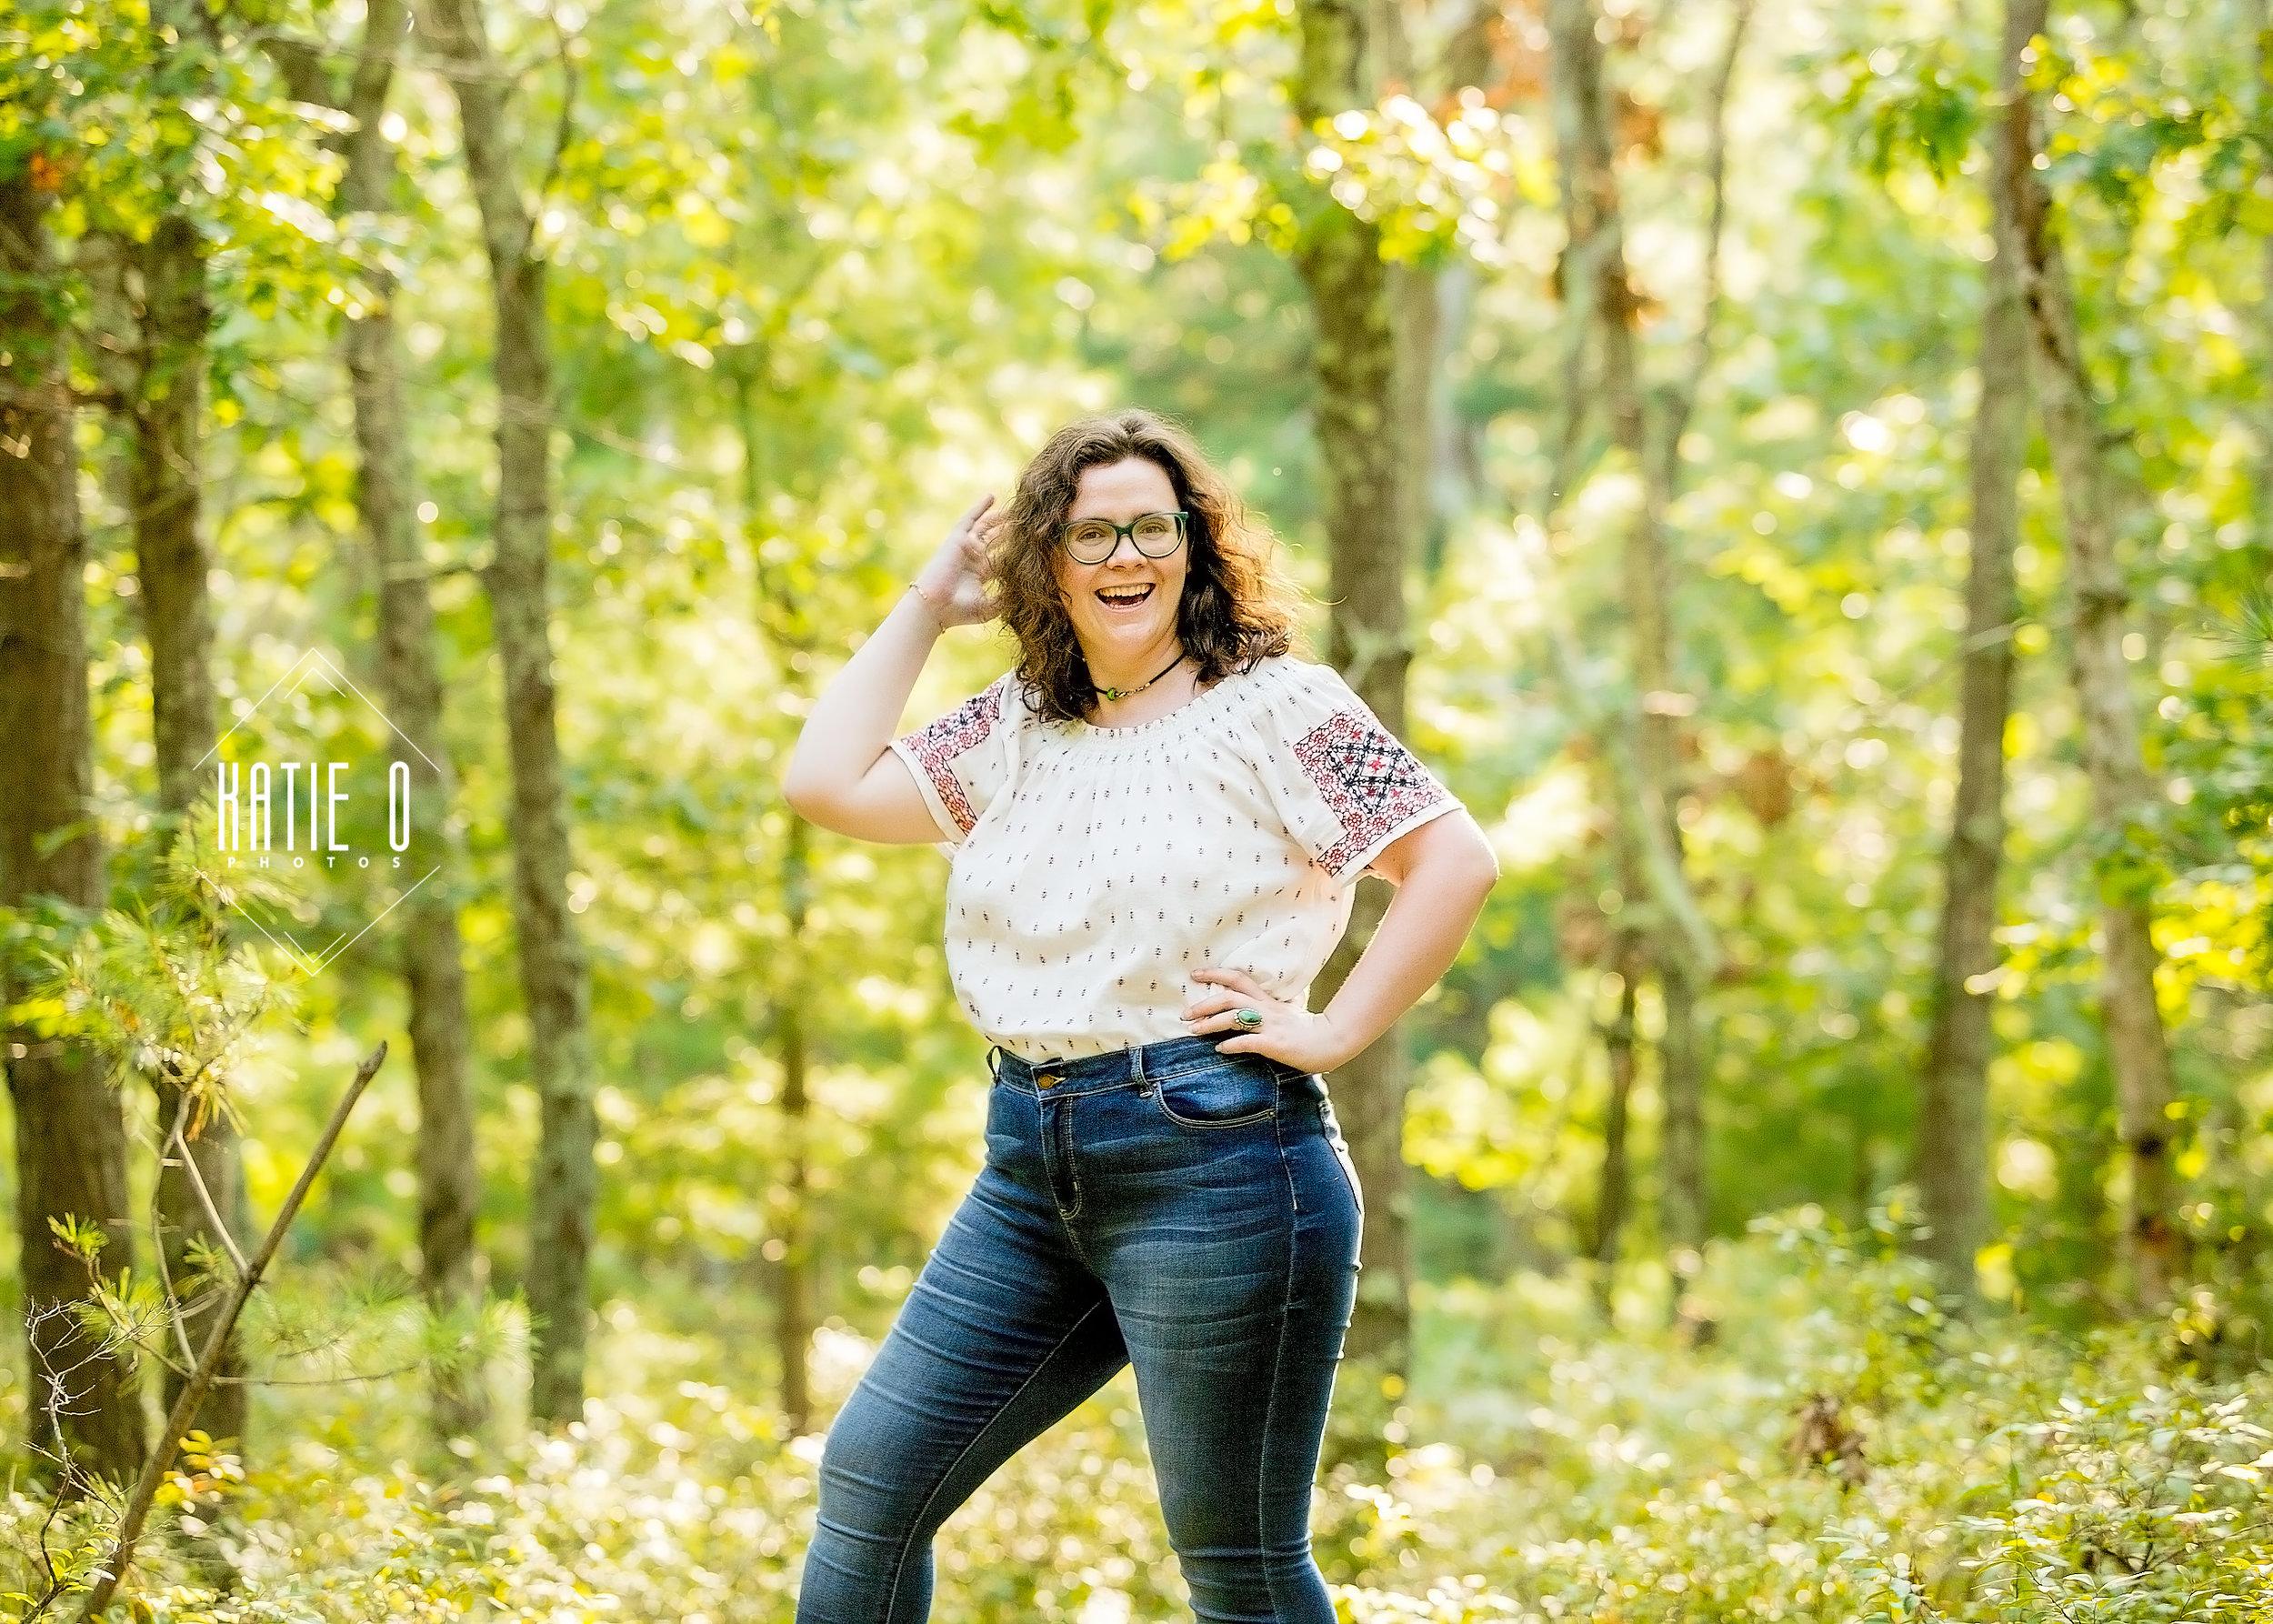 Katie-O-Photos-25.jpg